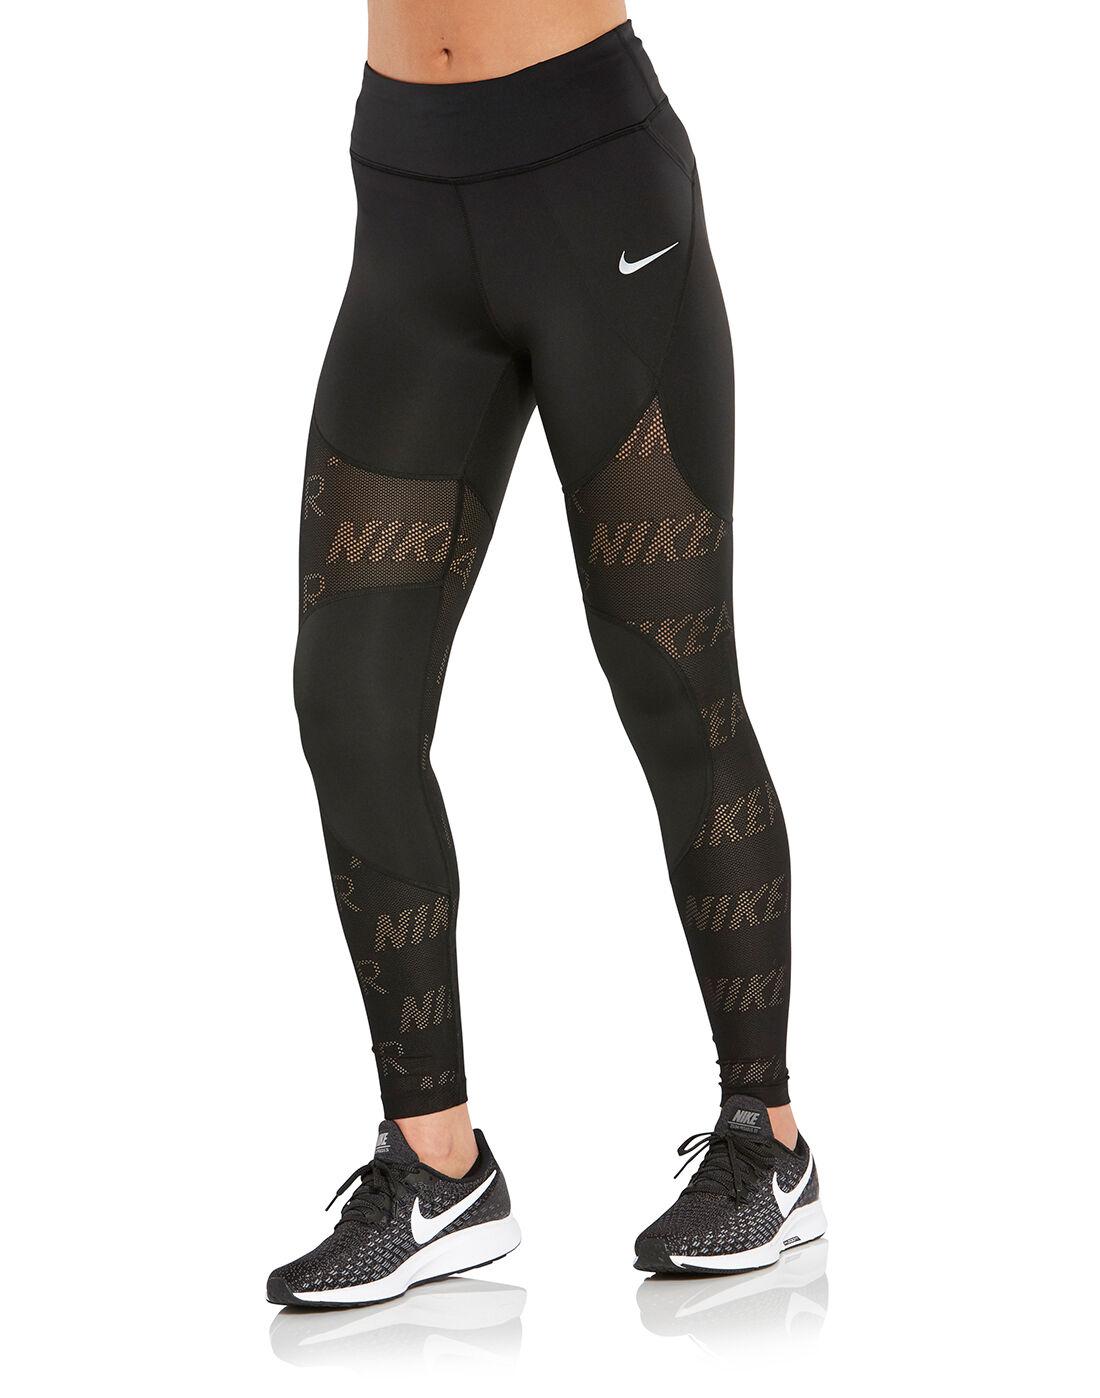 nike air leggings 7/8